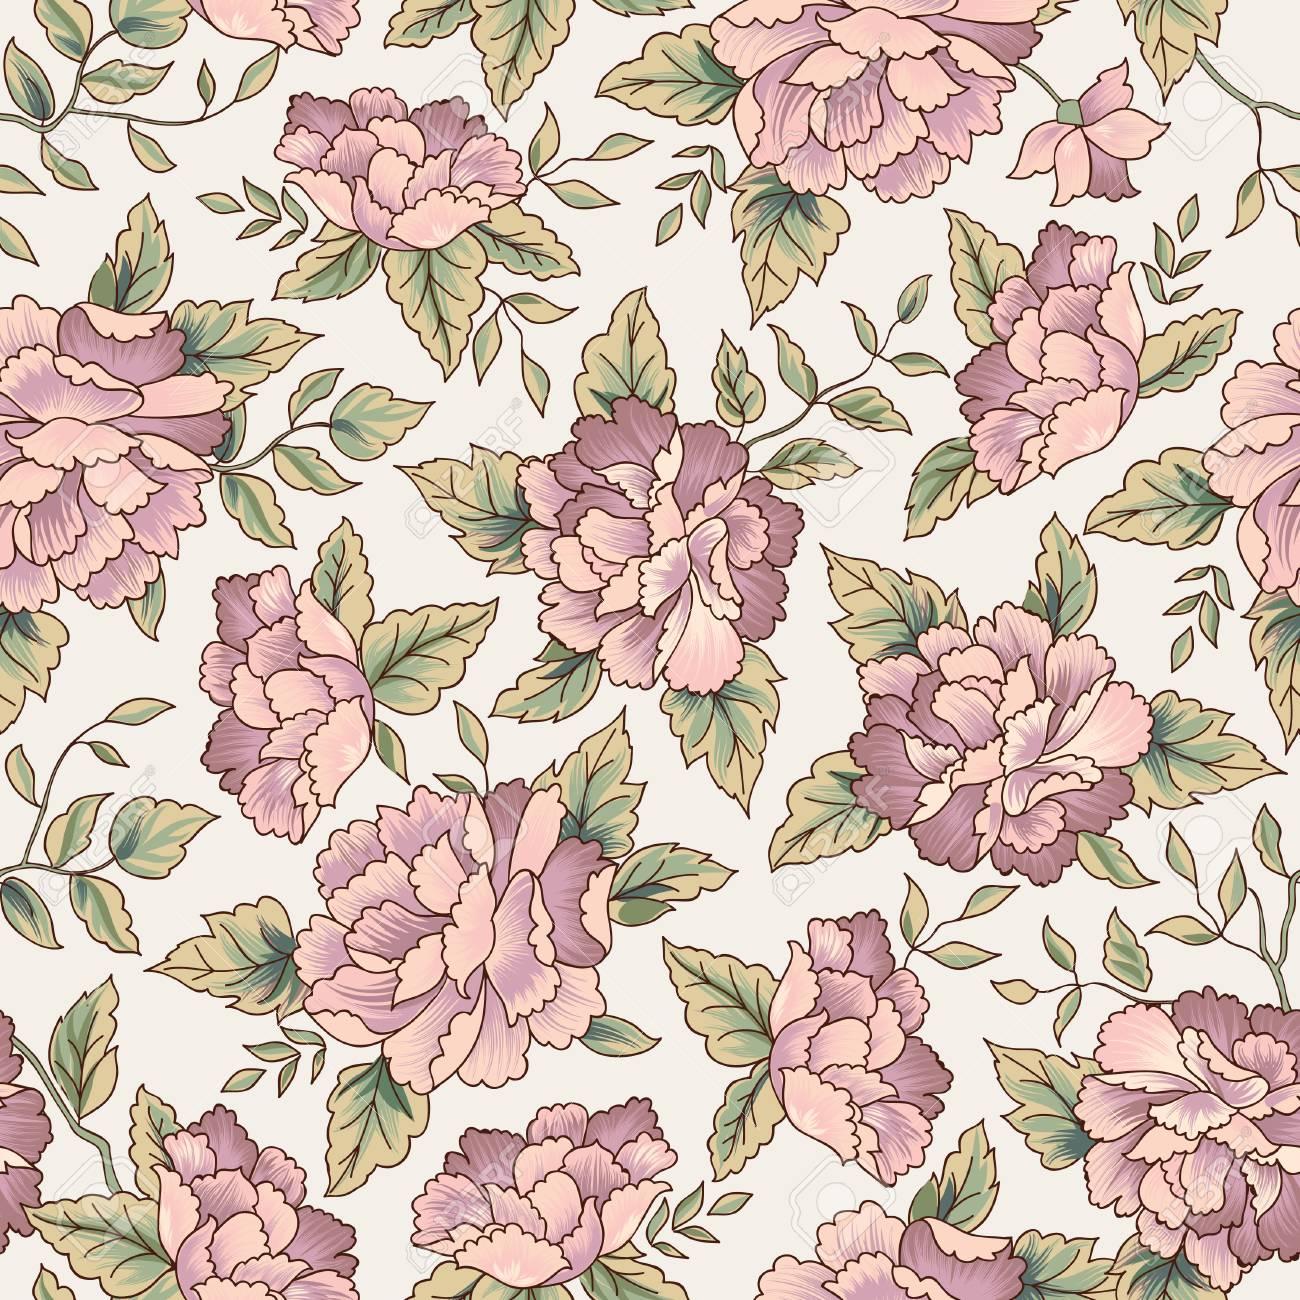 Floral pattern. Flower seamless background. Flourish ornamental garden - 85693214